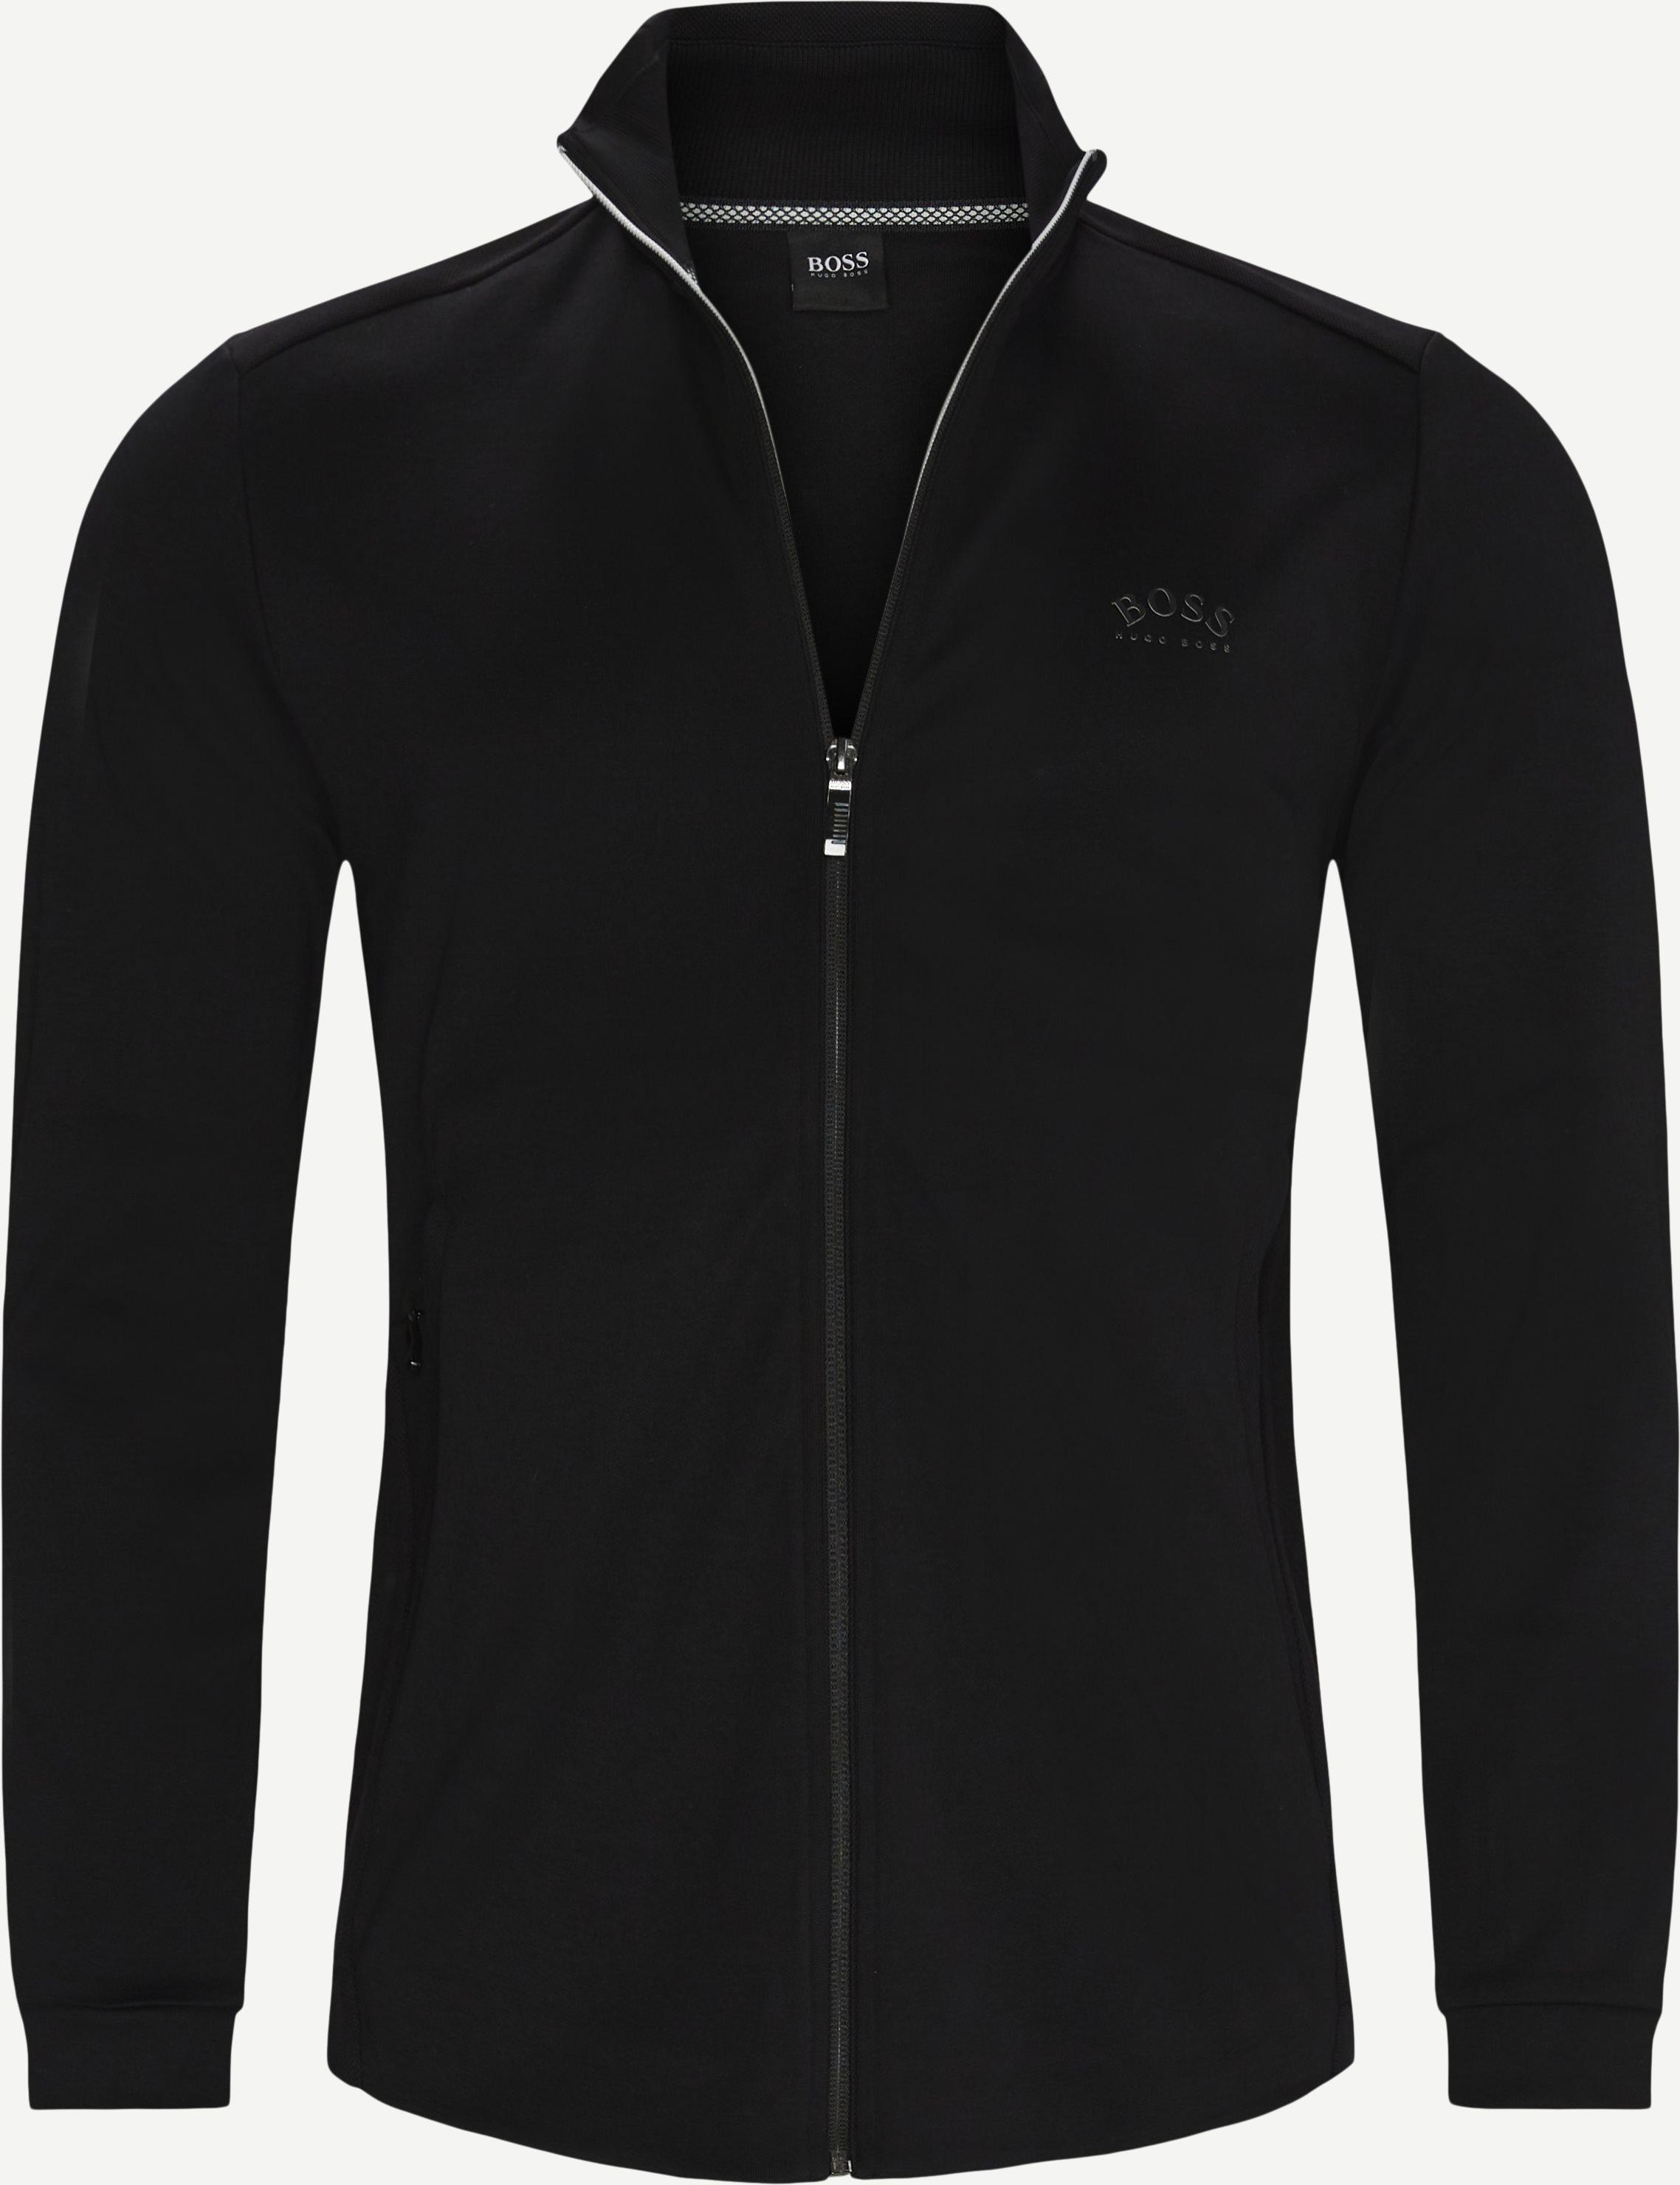 Skaz Zip Sweatshirt - Sweatshirts - Regular fit - Sort